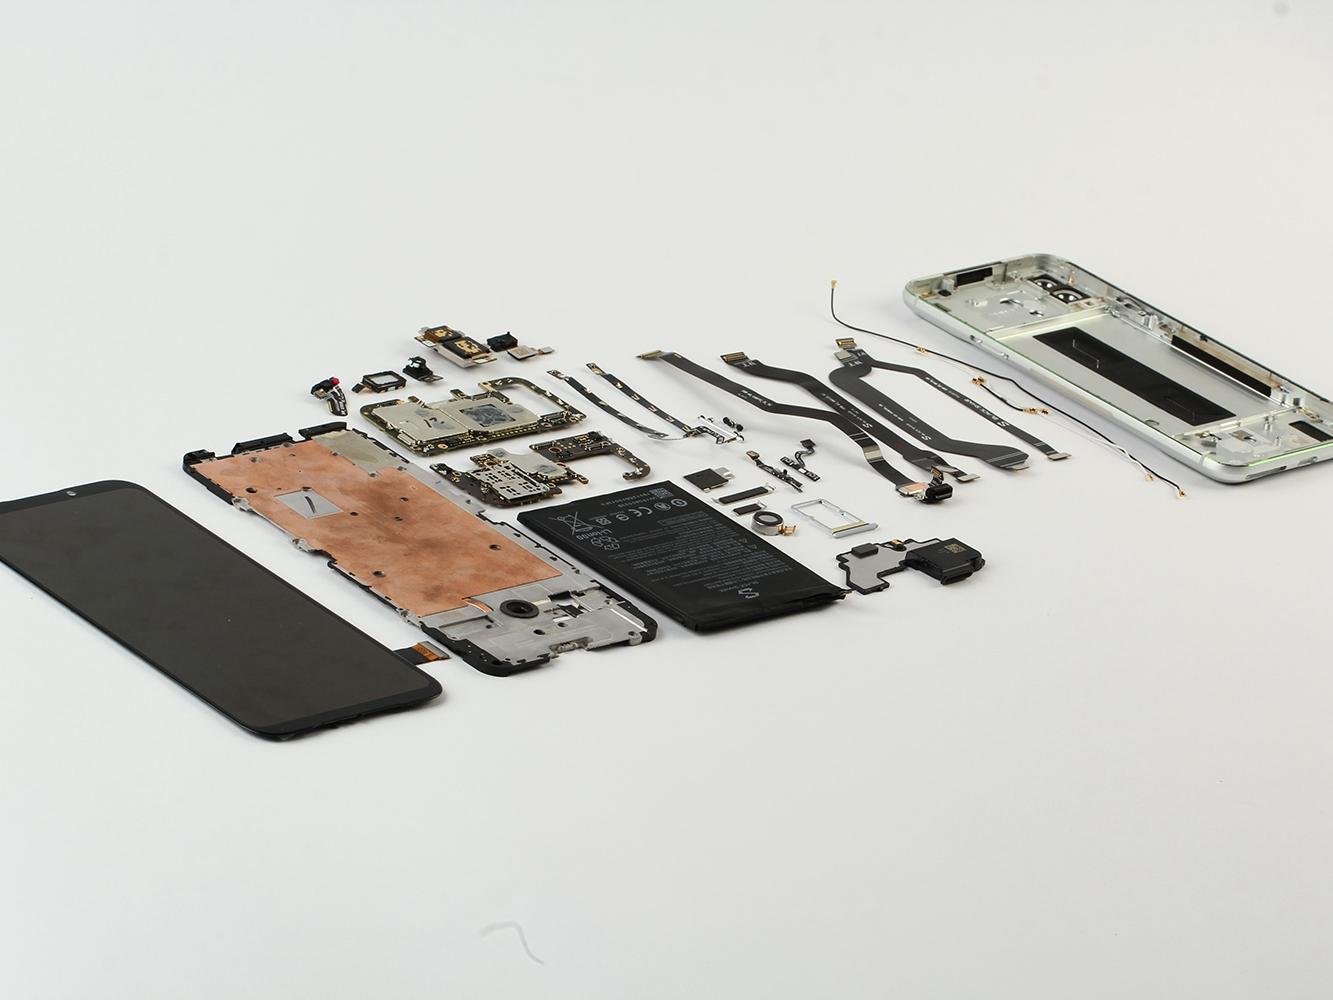 塔式全域液冷散热系统加持,黑鲨游戏 2 手机拆解